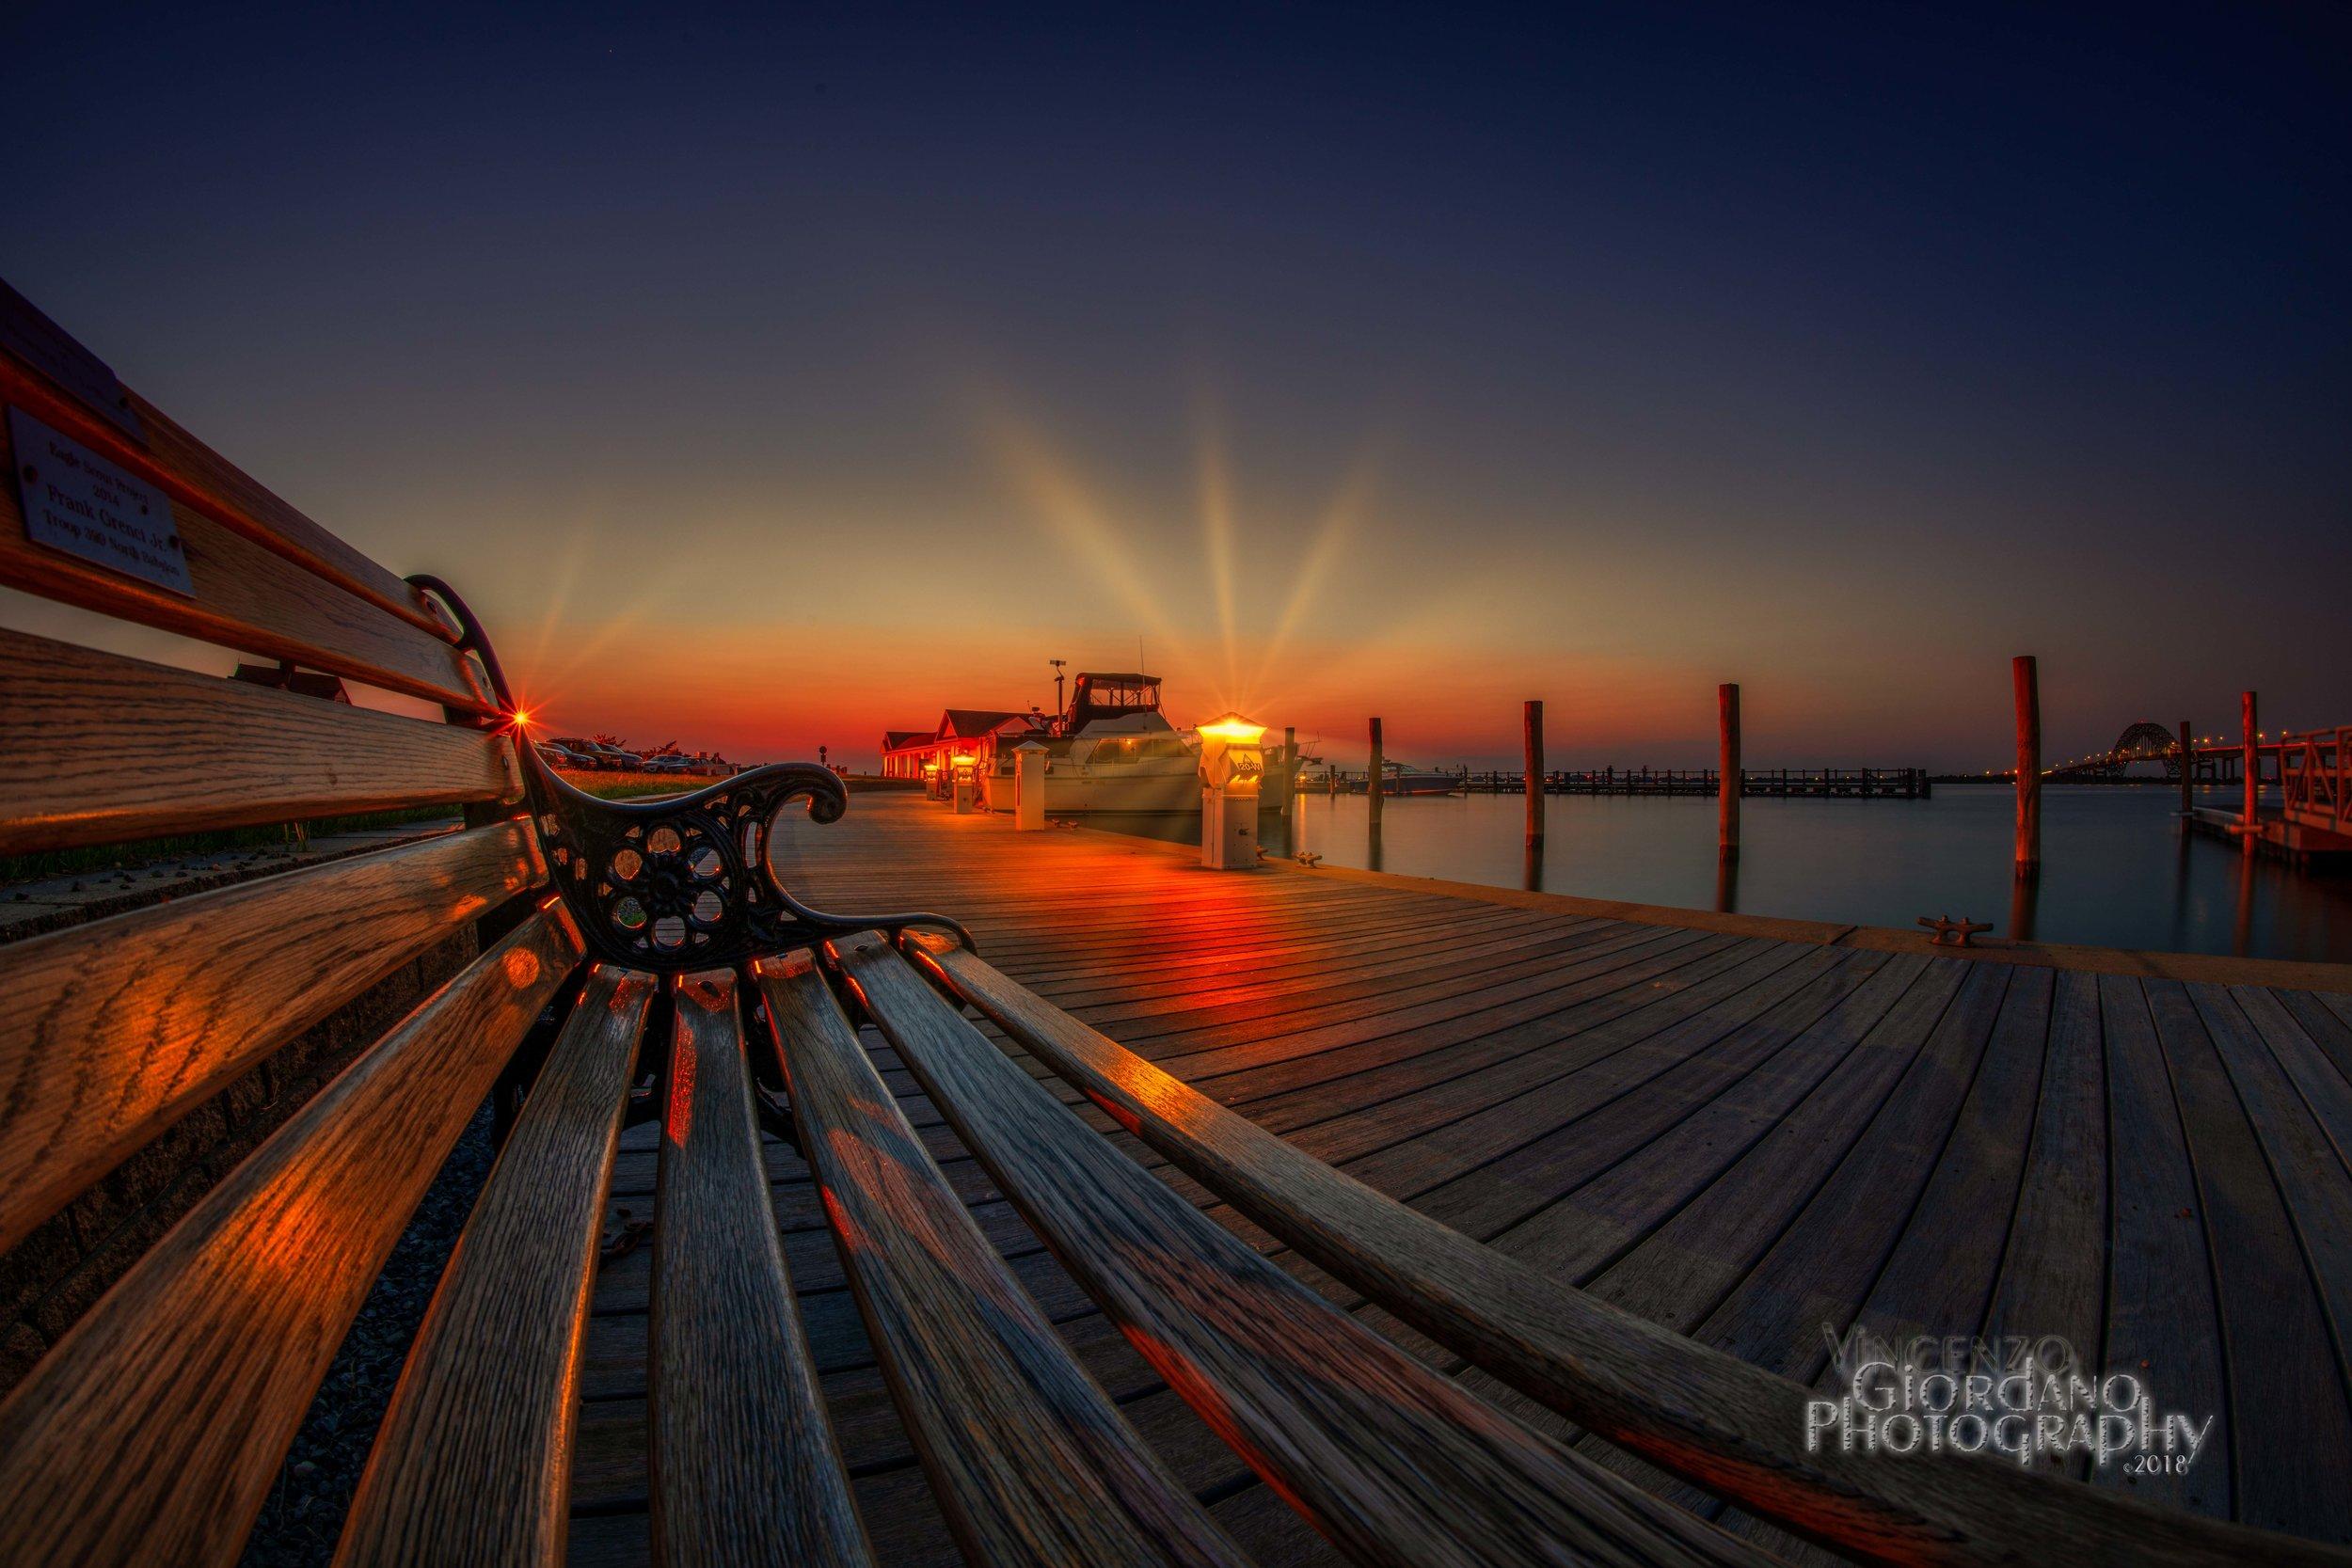 Robert Moses Boat Basin. Credit: Giordano Photography